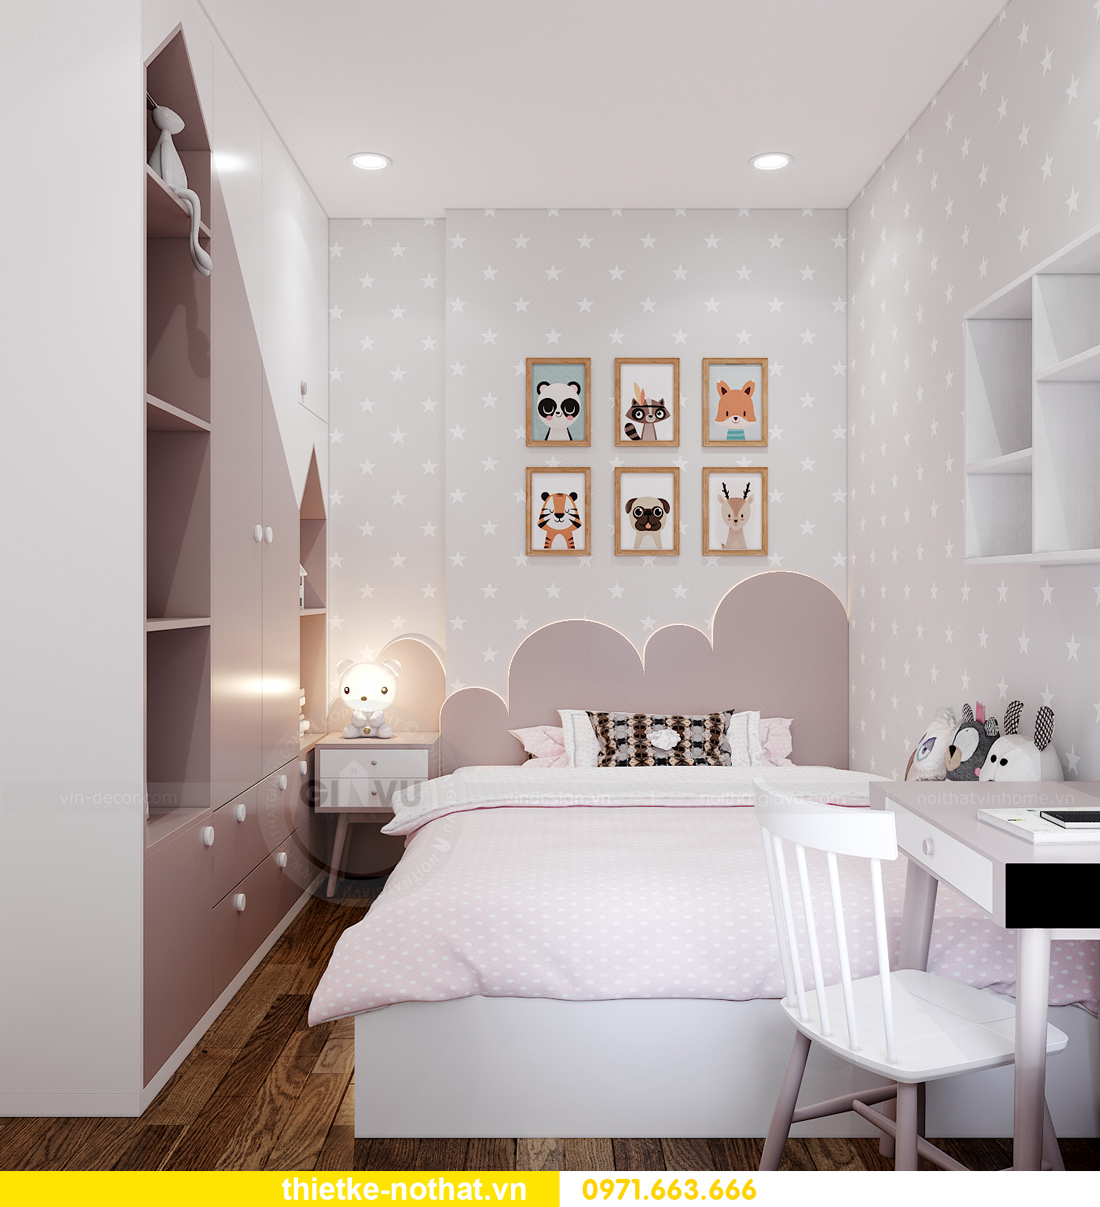 thiết kế nội thất căn hộ 2 phòng ngủ tại Vinhomes Smart City 10